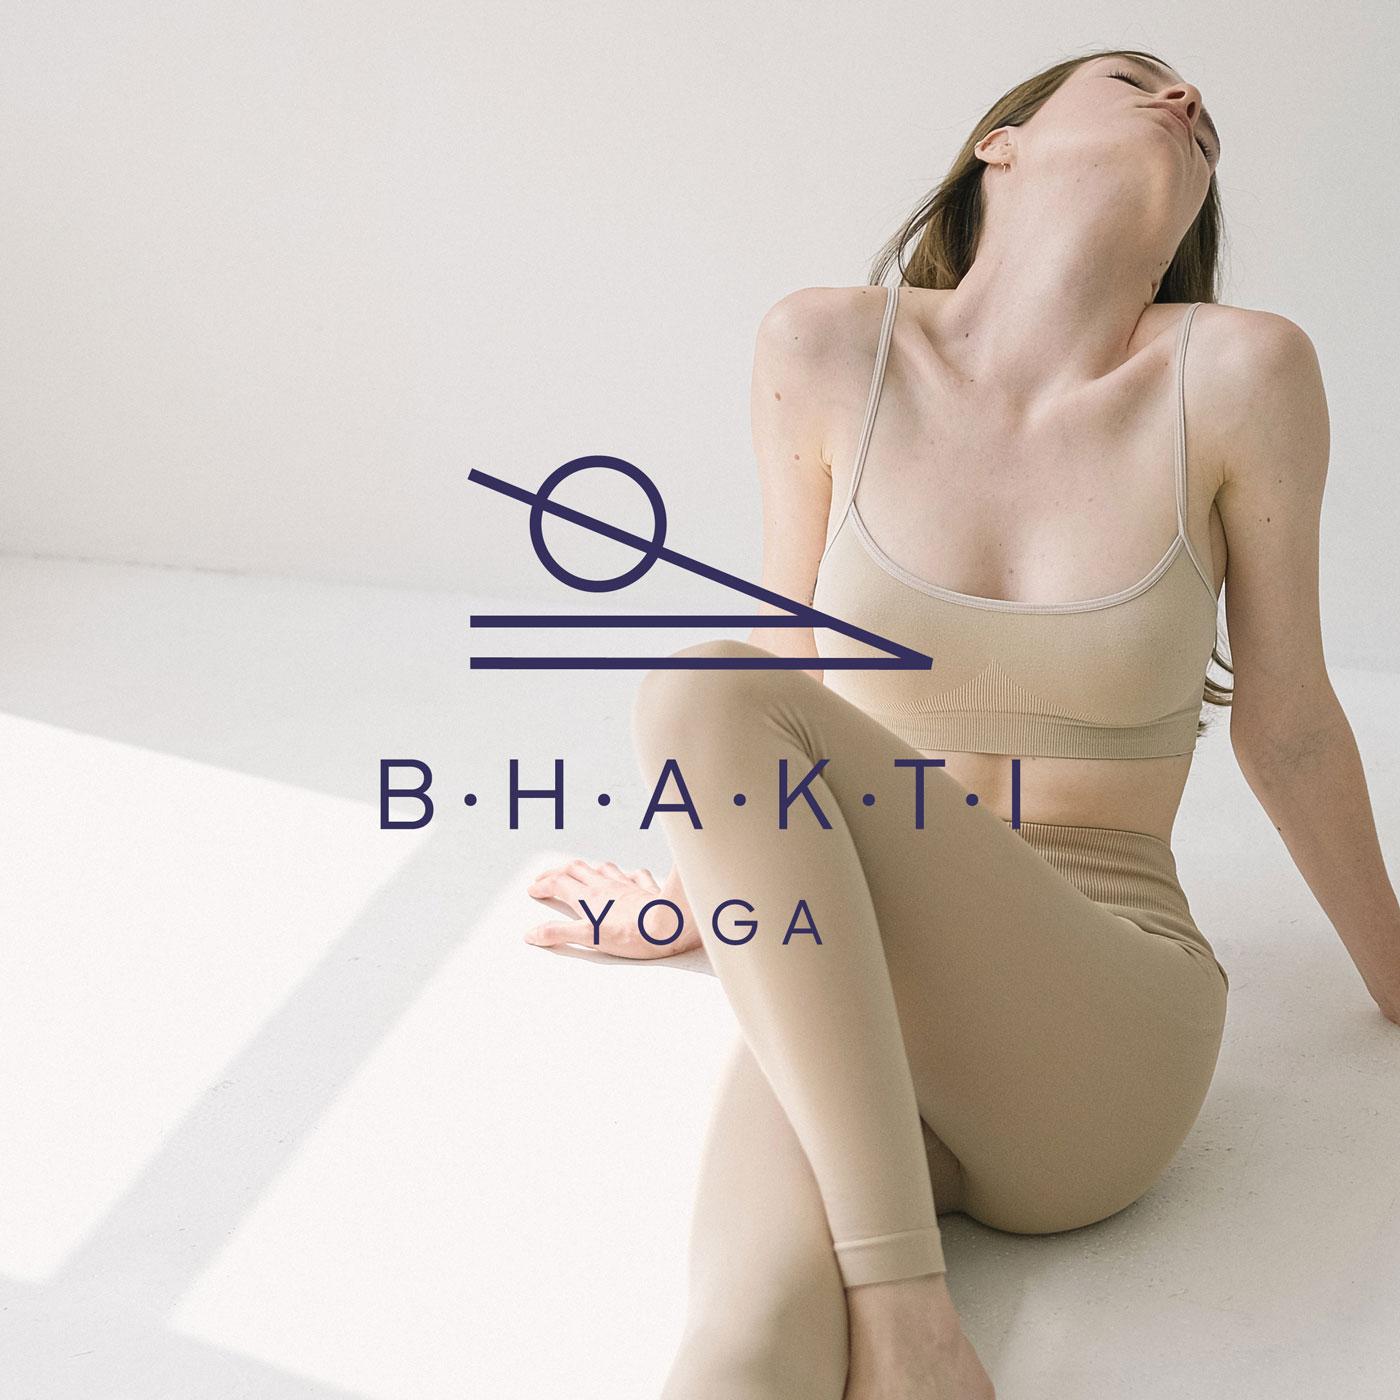 Bhakti Yoga Brand Kit